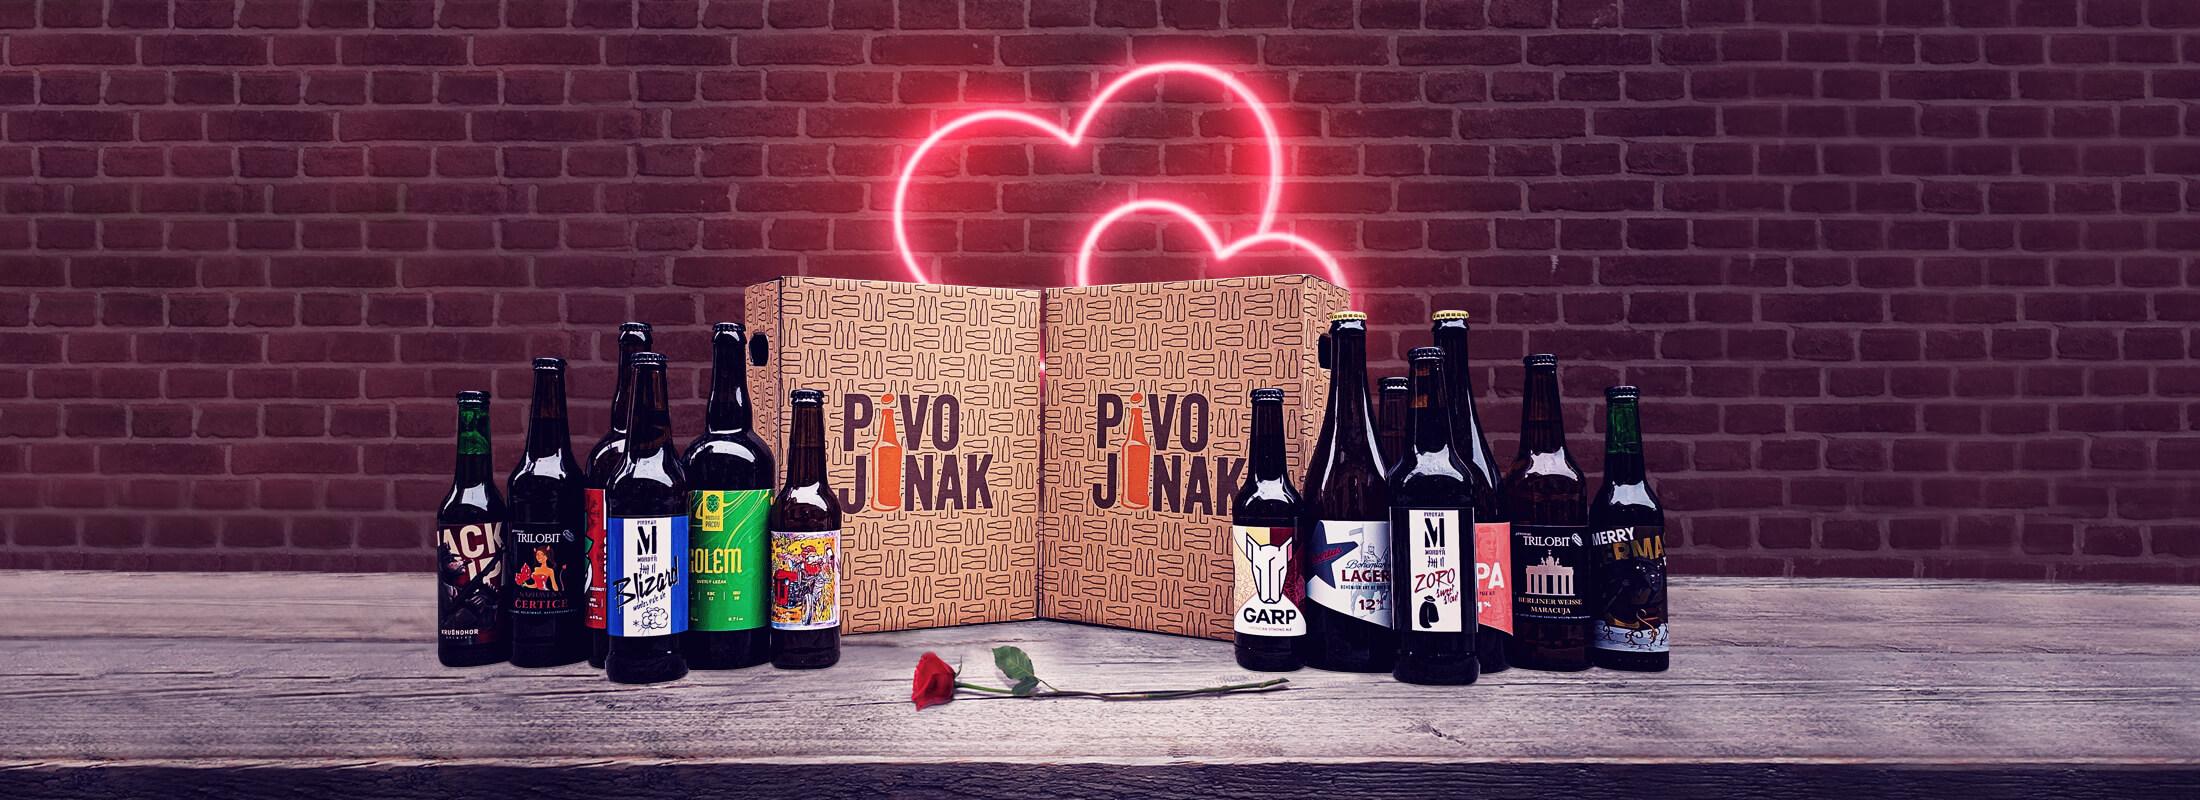 Valentýnské velké pivní předplatné